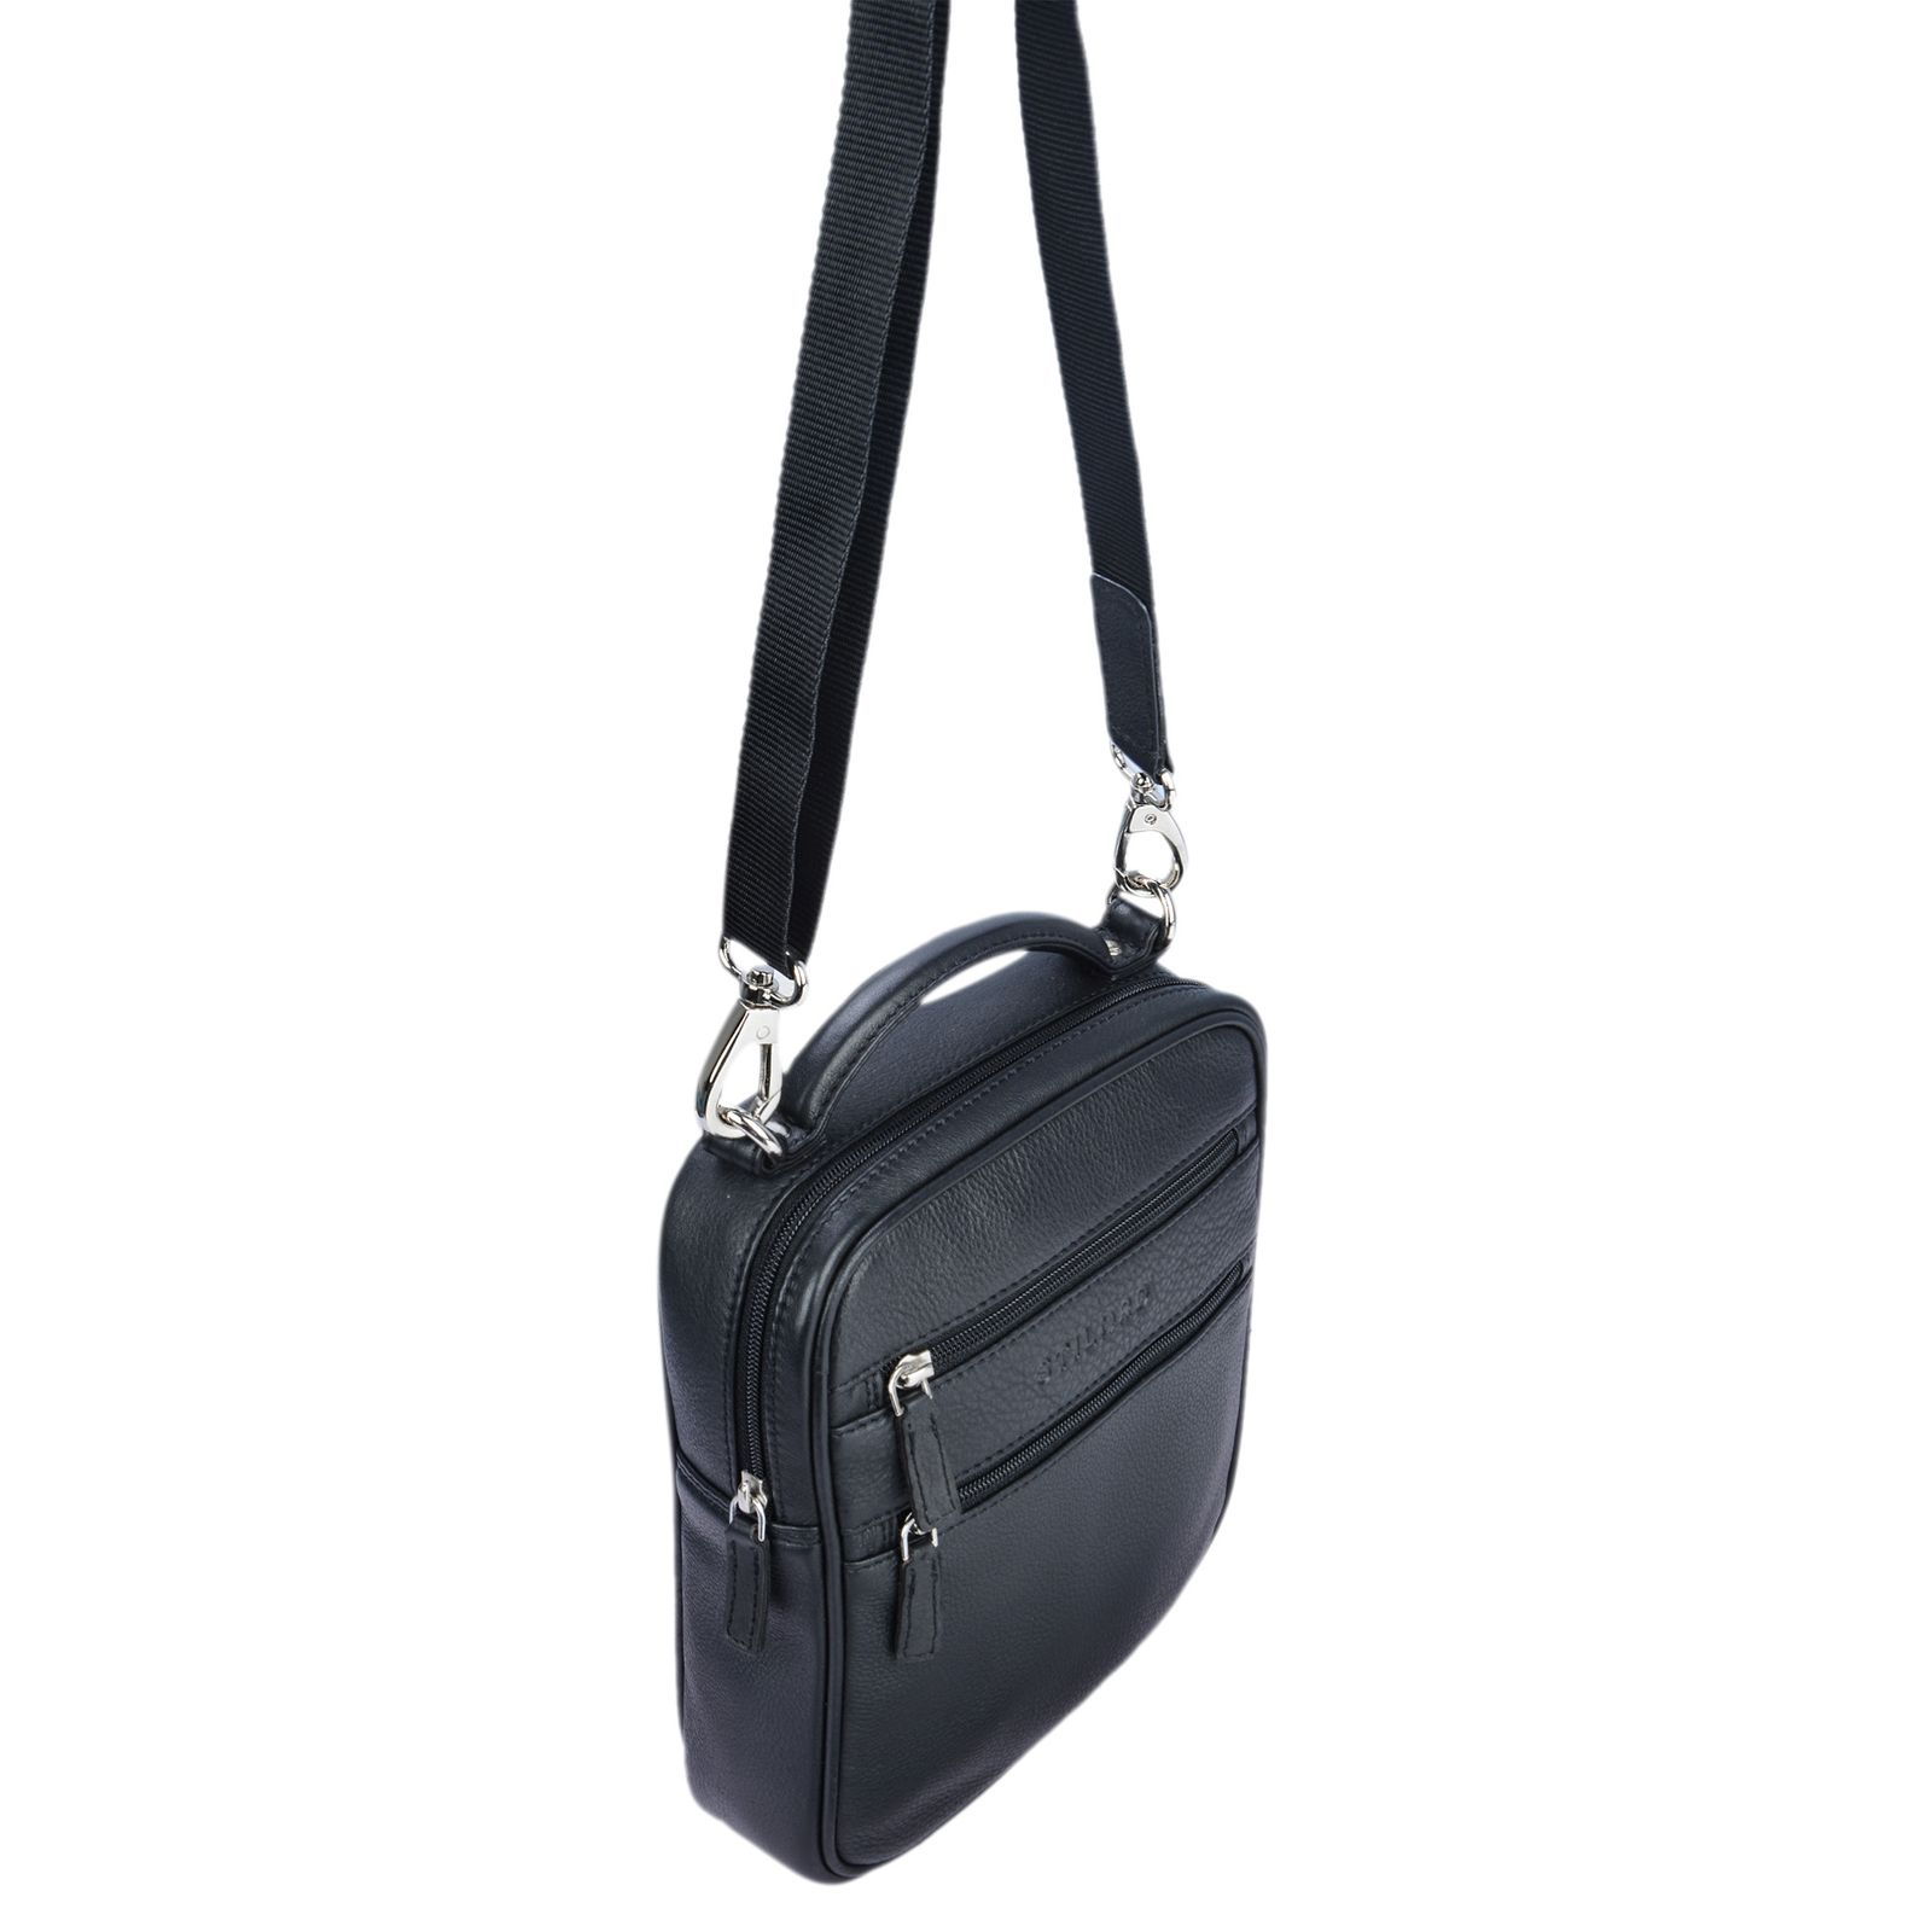 """STILORD """"Mats"""" Herren Handtasche Leder Vintage kleine Messenger Bag mit Tragegriff Tablettasche für 9.7 Zoll iPad DIN A5 Dokumente Umhängetasche aus echtem Leder - Bild 13"""